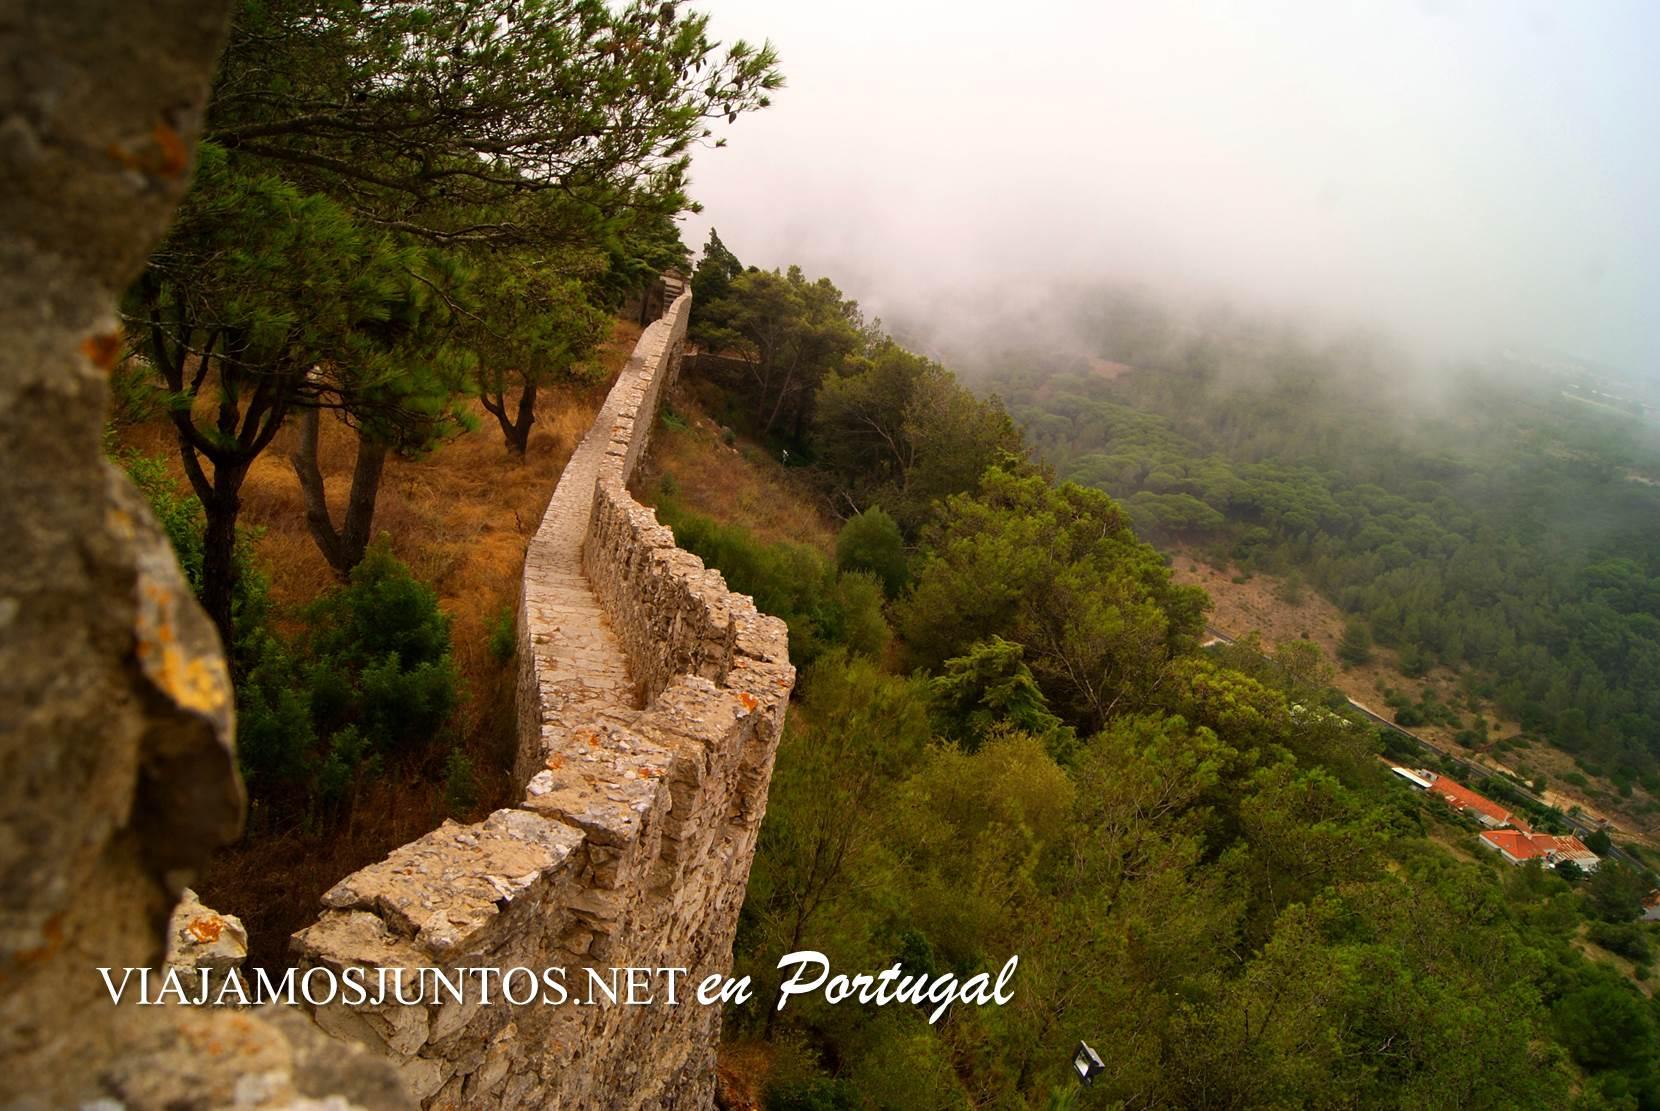 La muralla del castillo de Sesimbra, Portugal